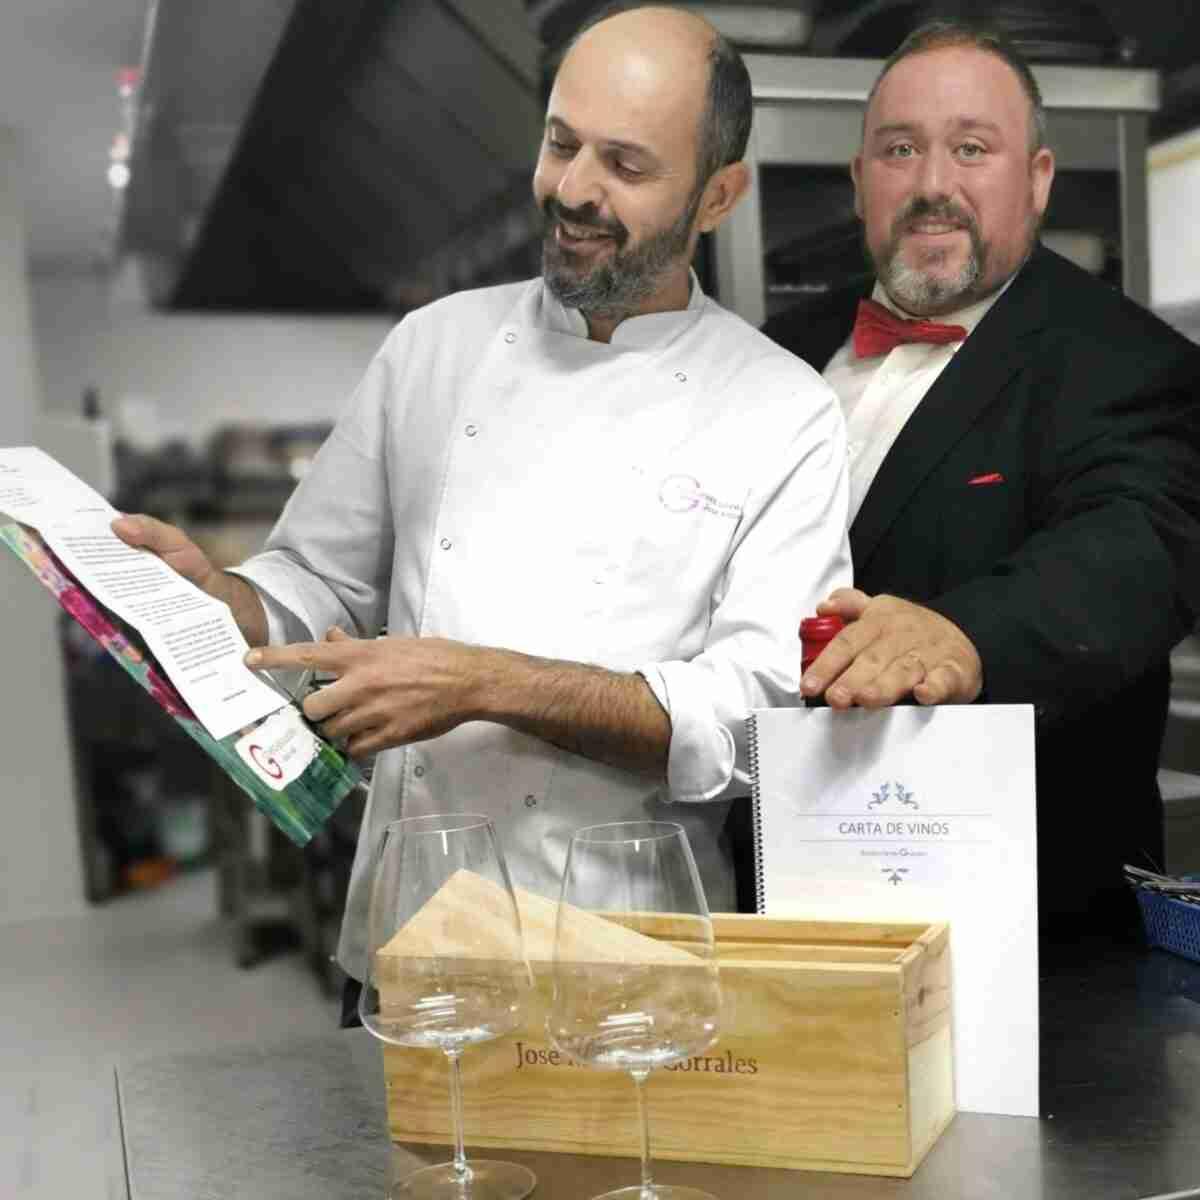 El Restaurante Granero, ganador de los Premios de Gastronomía Miguel de Cervantes 2019 en modalidad Carta de Vinos 1